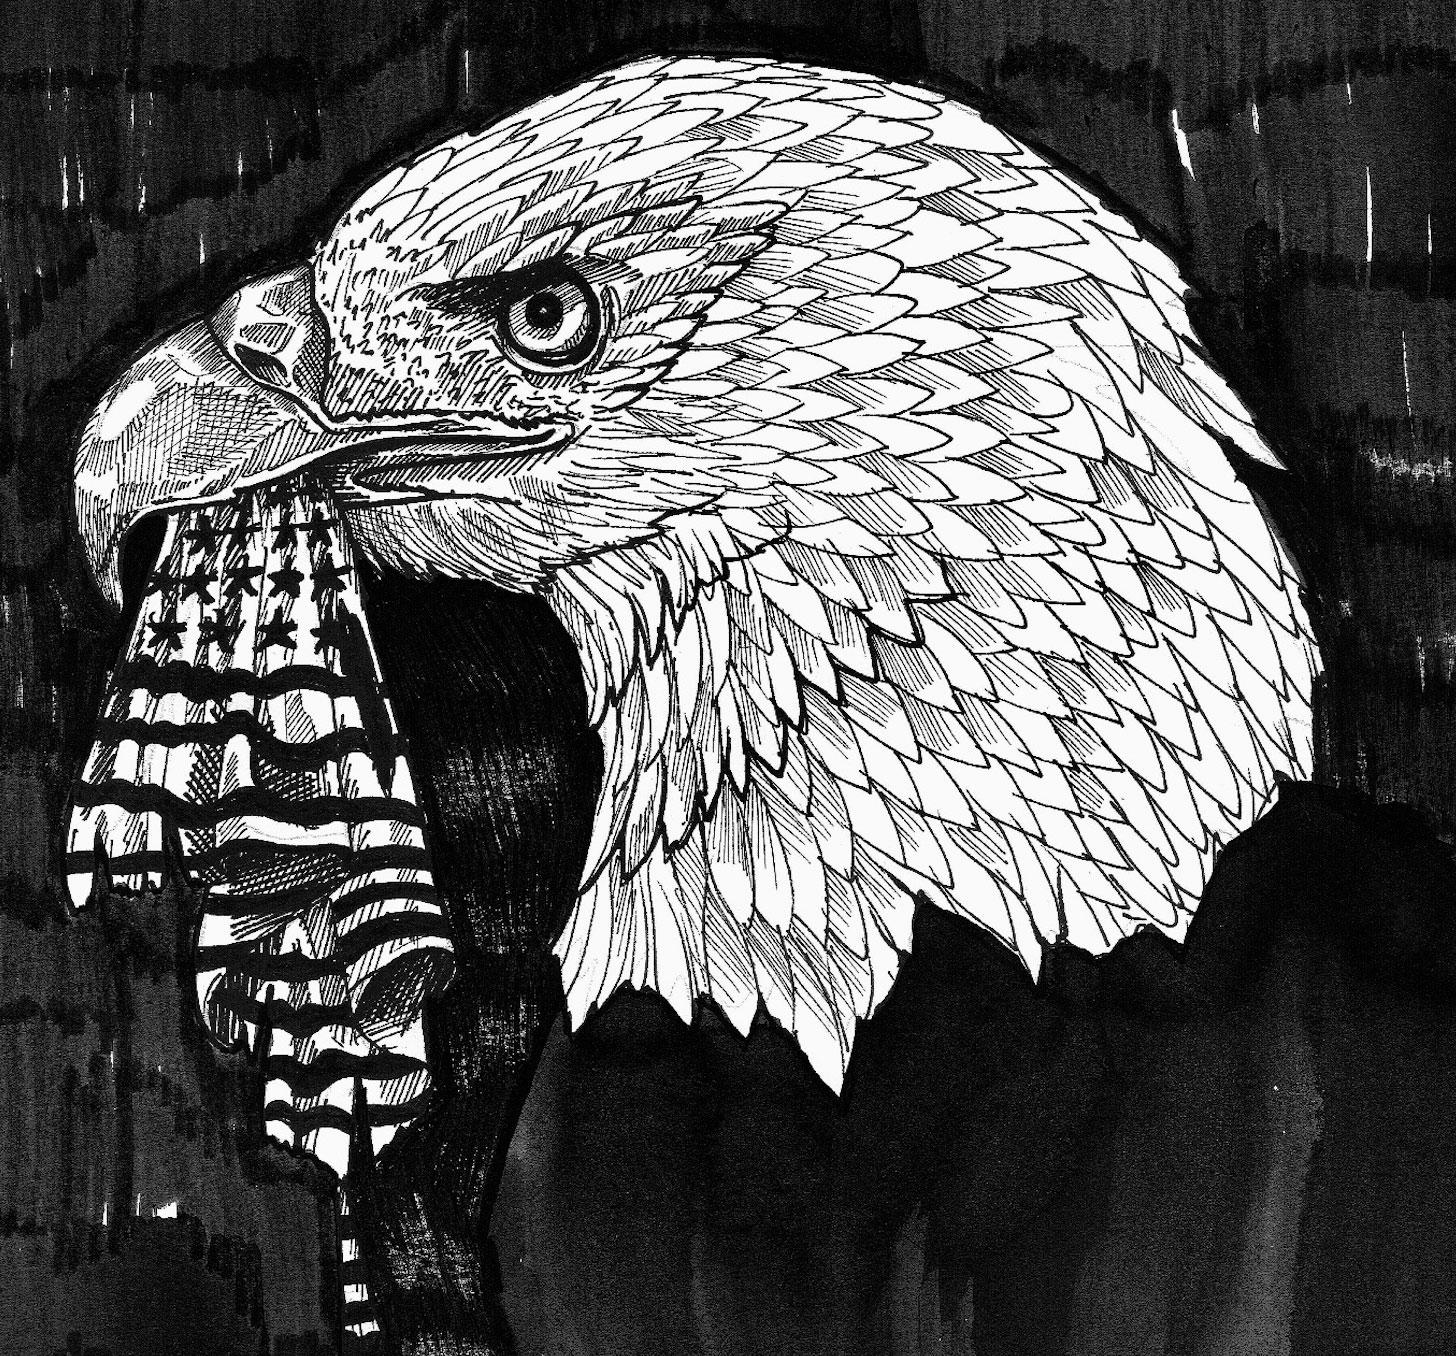 Illustrations d'Ophélie Belly Courbis sur les raisons du vote Trump, un an après son élection